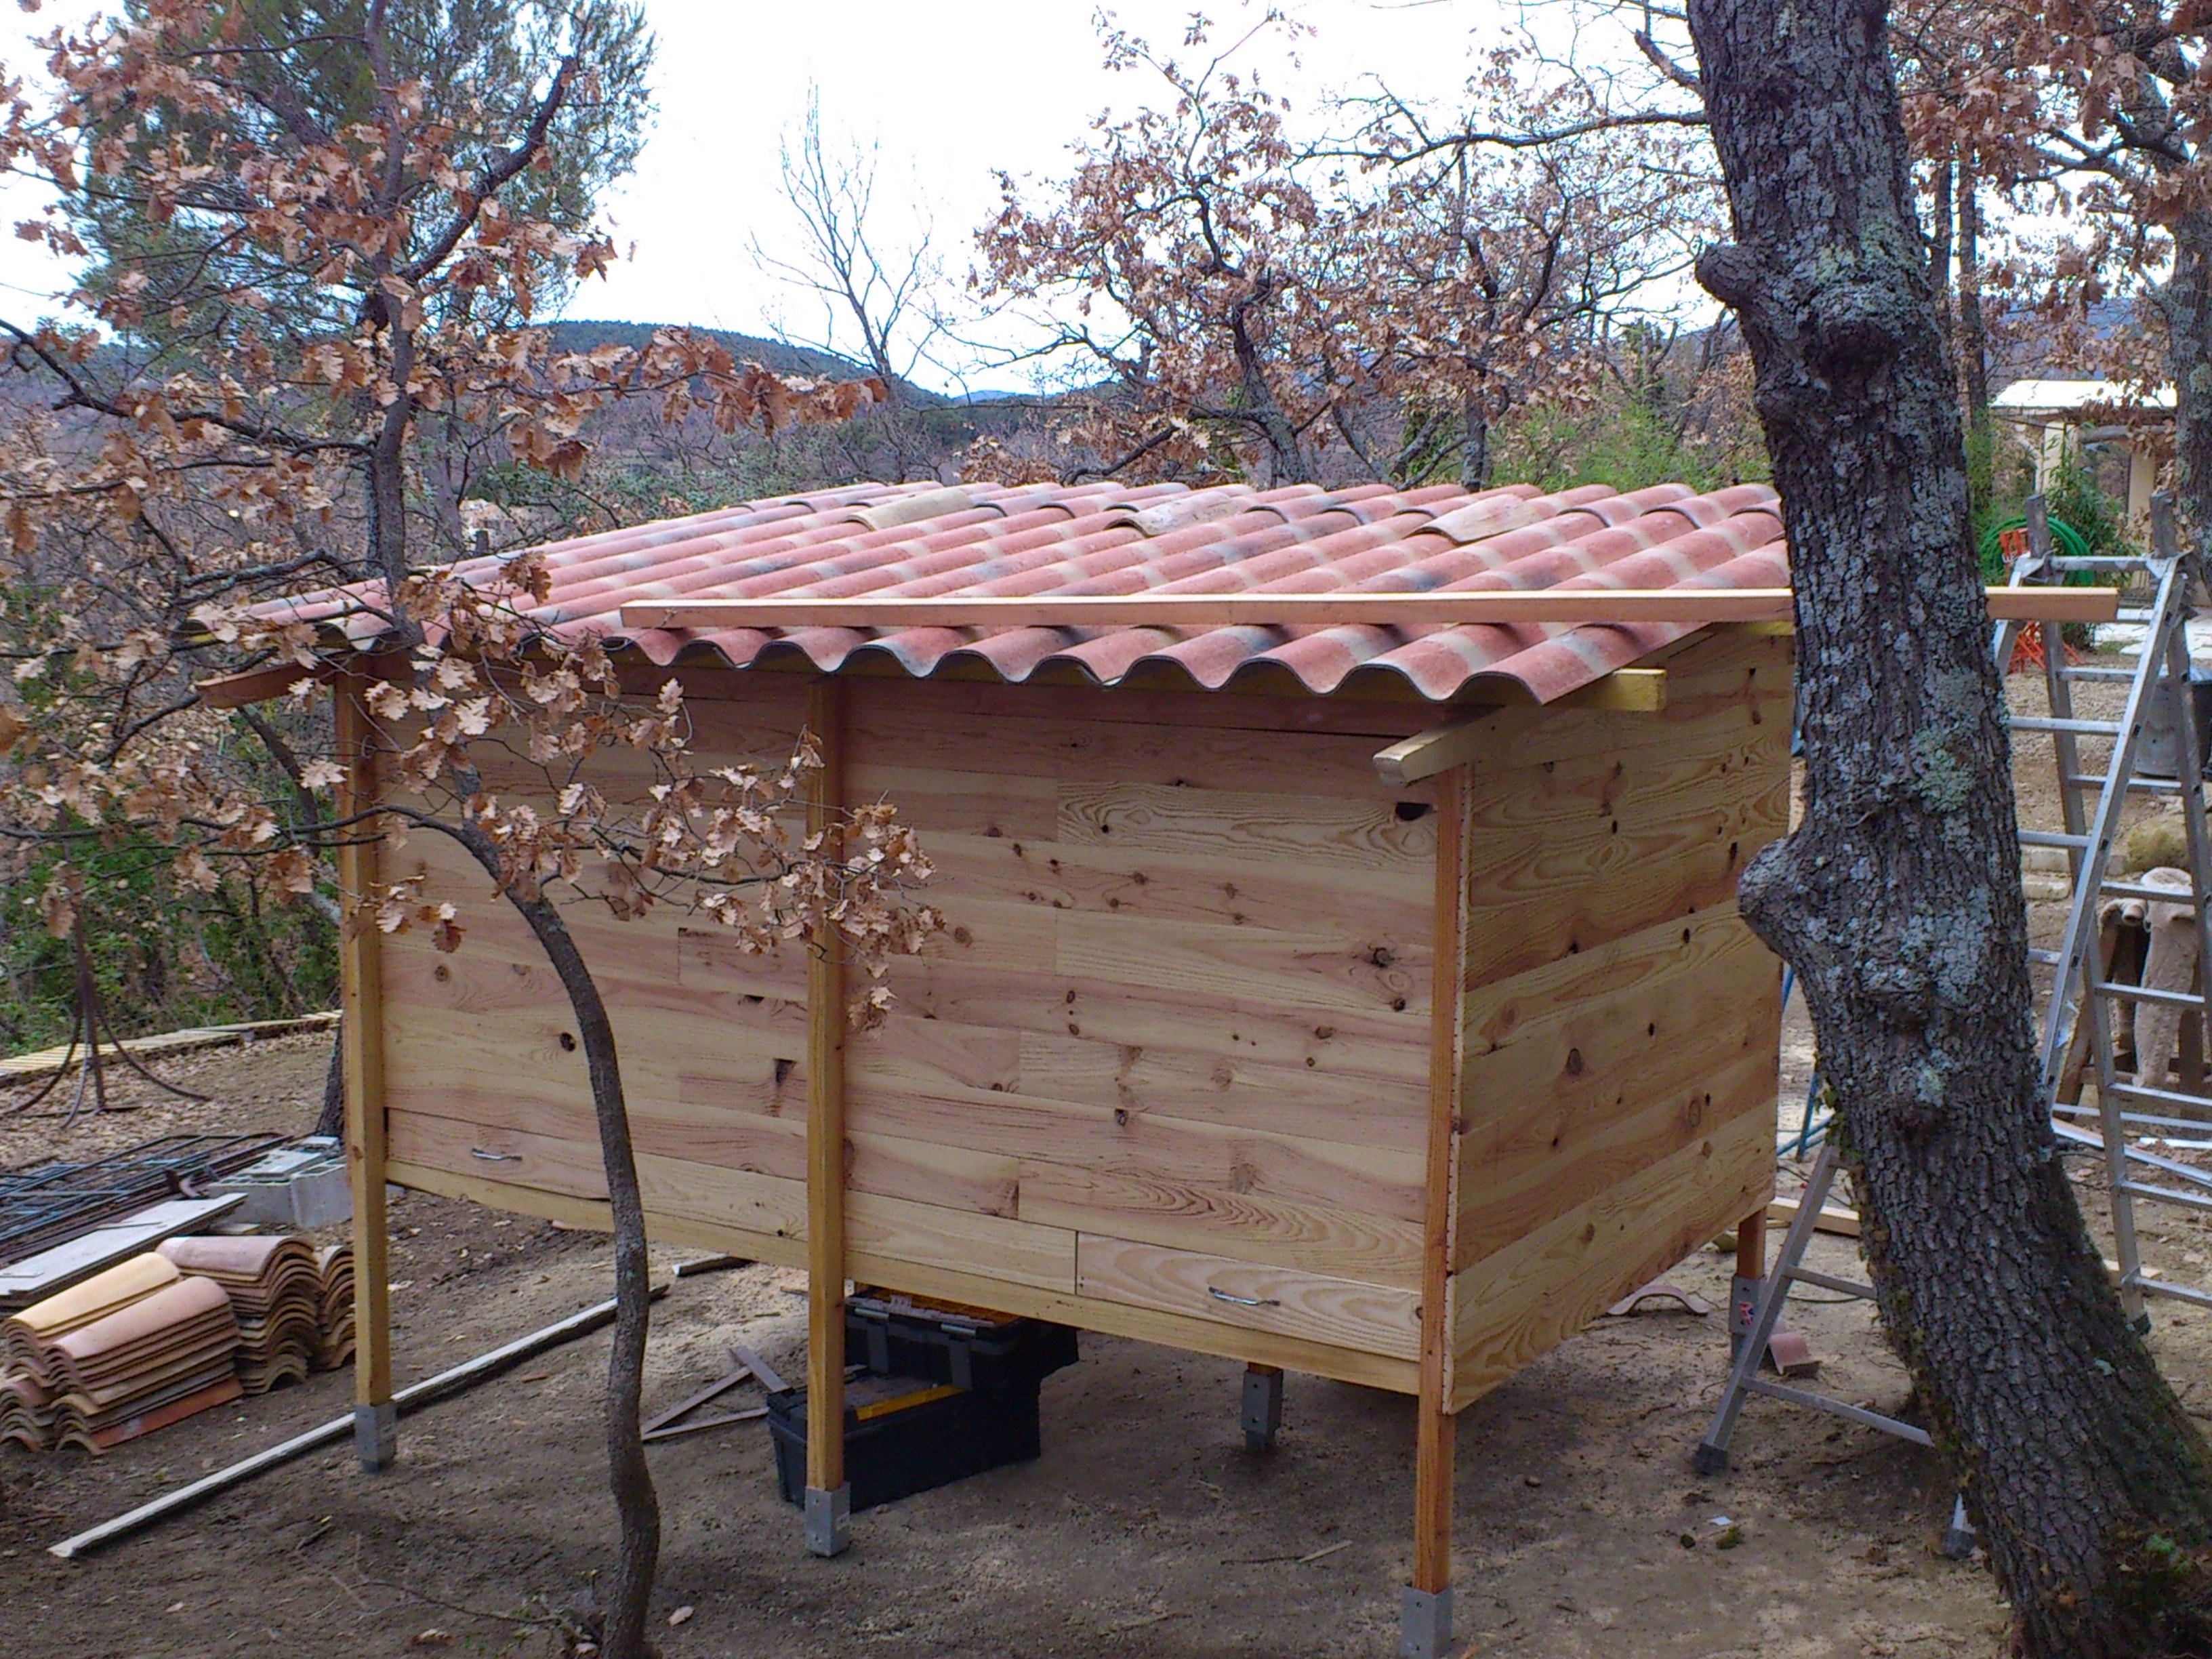 Le toit est en toles fibro -ciment, il accueillera des tuiles provençales.